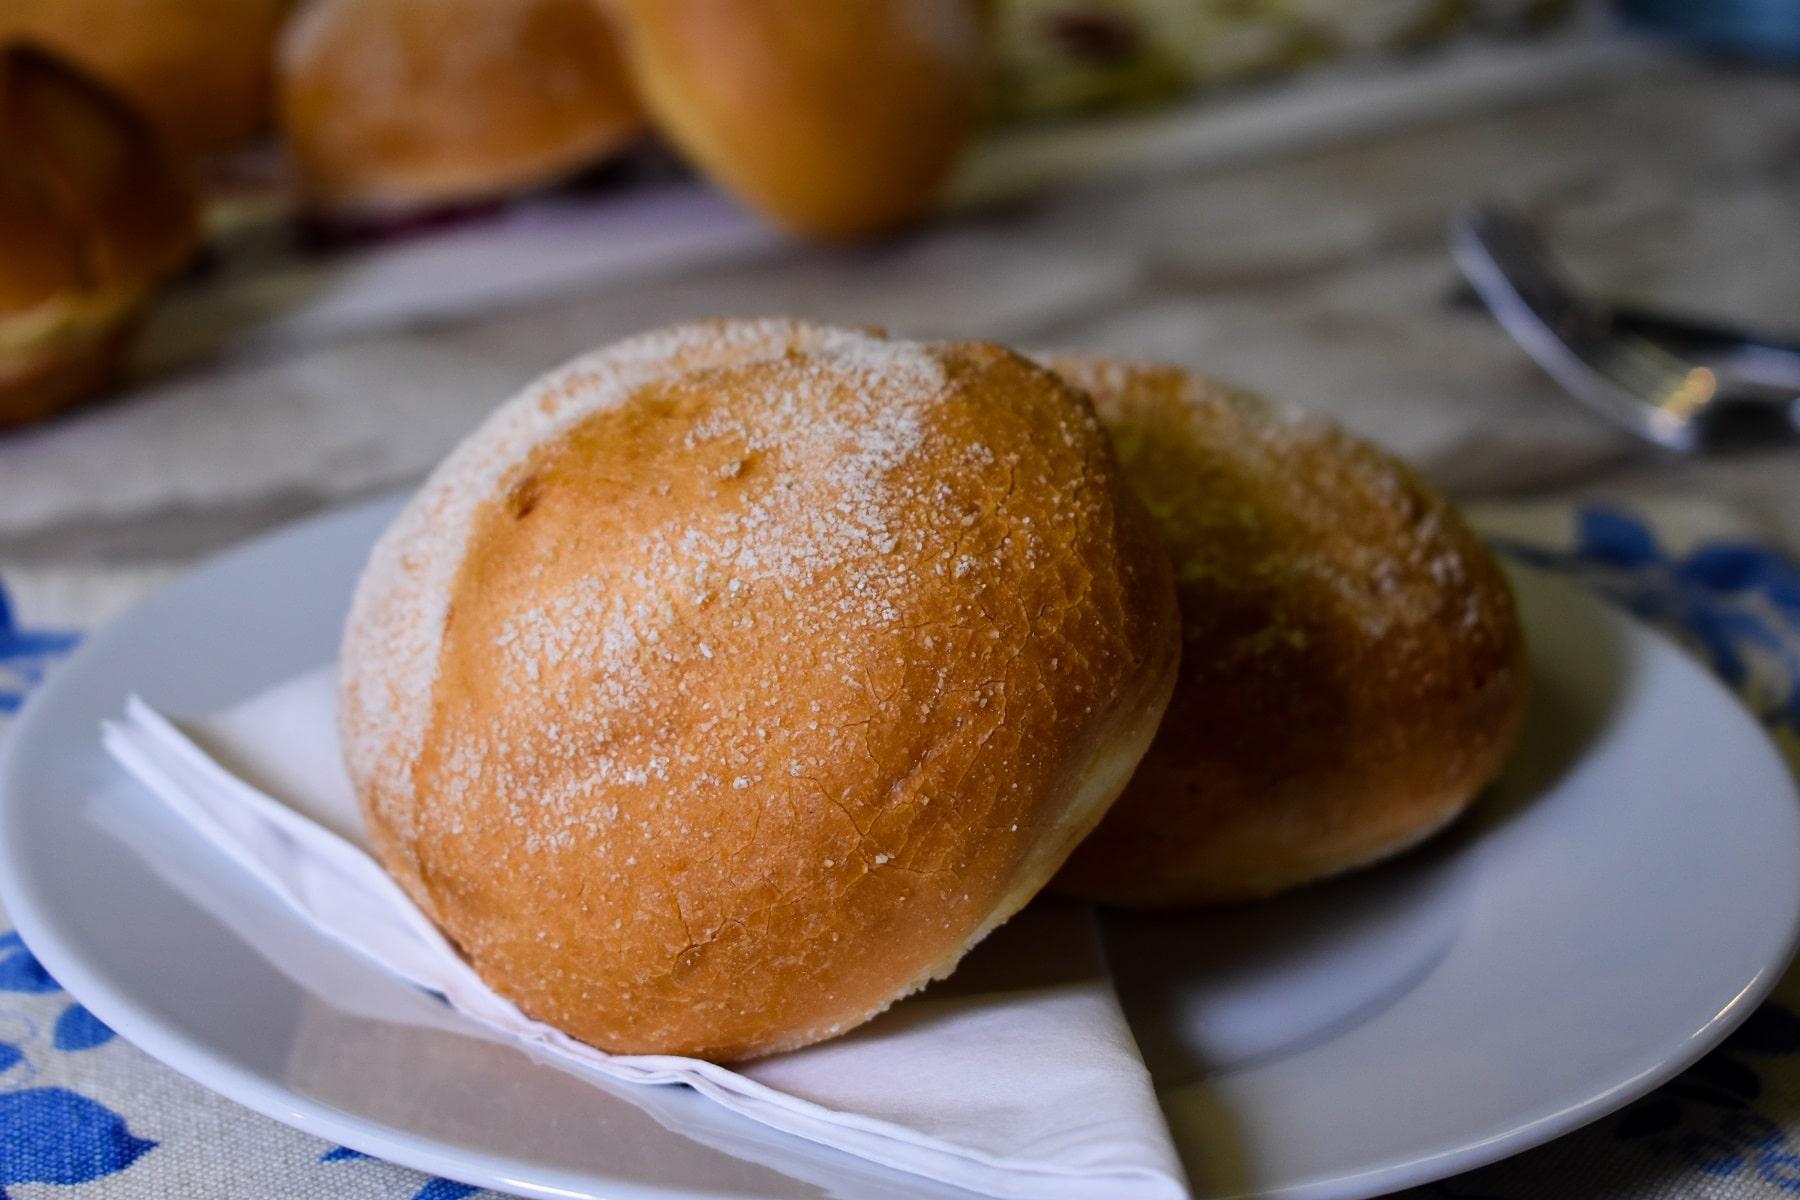 Gluten Free Crusty Roll by Fosters Bakery